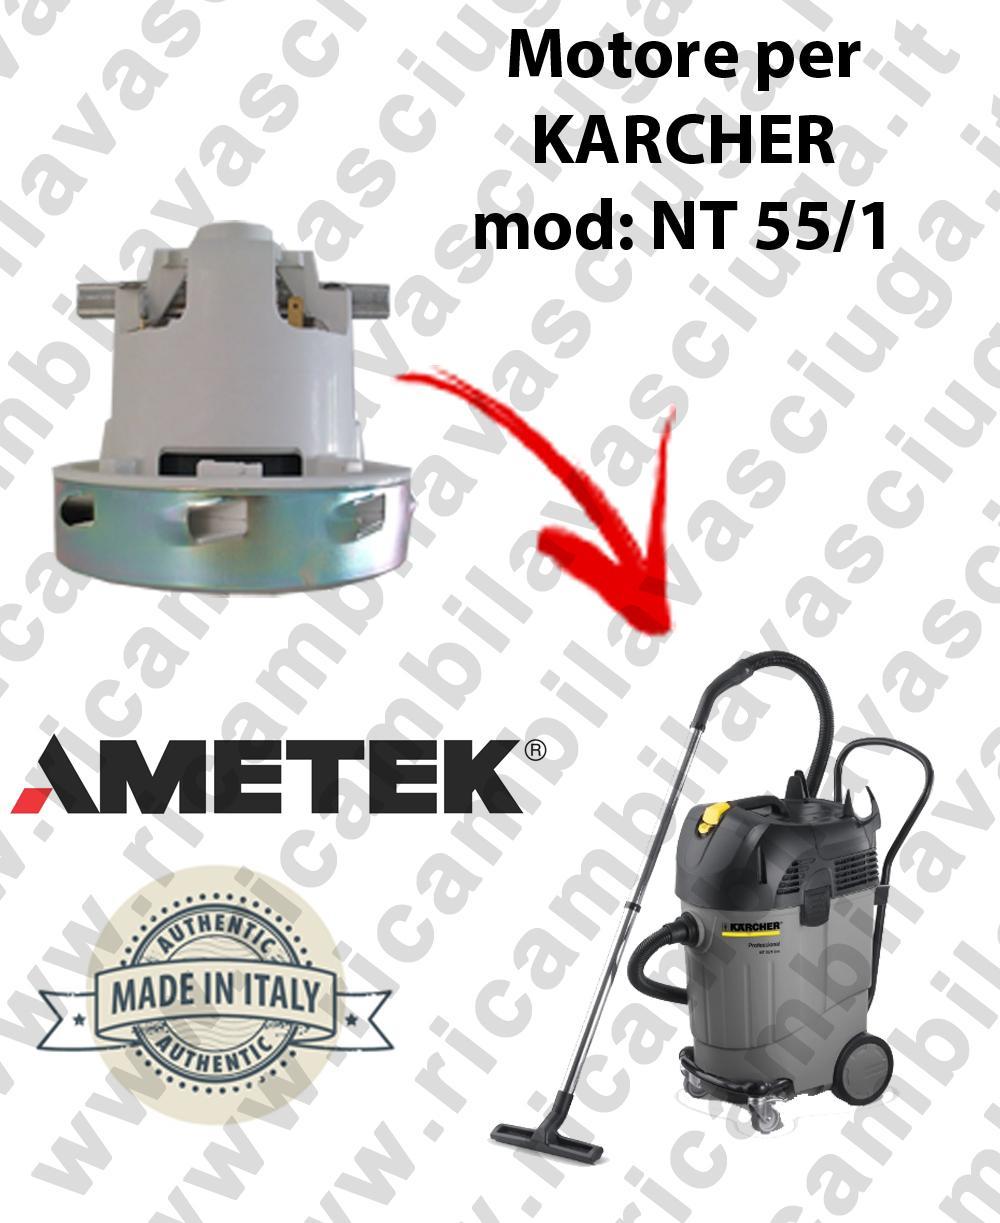 NT 55/1  MOTORE ASPIRAZIONE AMETEK  per aspirapolvere KARCHER